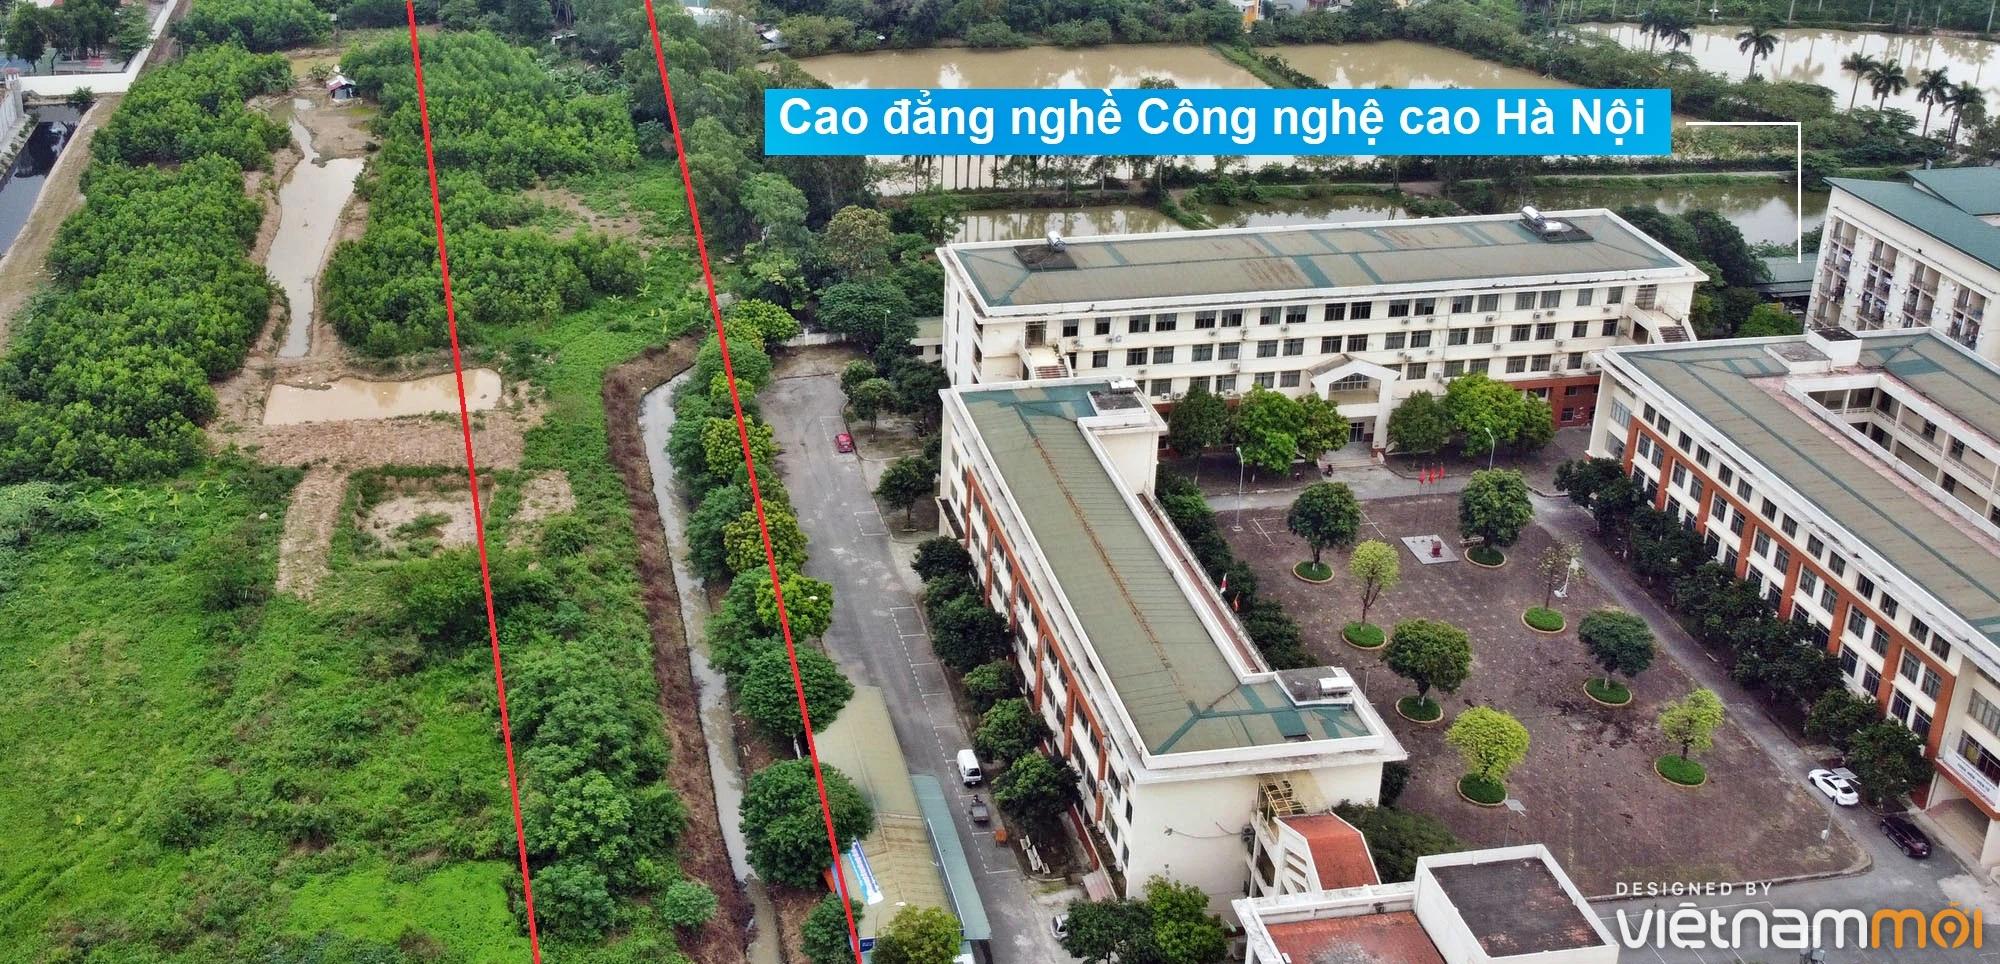 Những khu đất sắp thu hồi để mở đường ở phường Tây Mỗ, Nam Từ Liêm, Hà Nội (phần 1) - Ảnh 4.